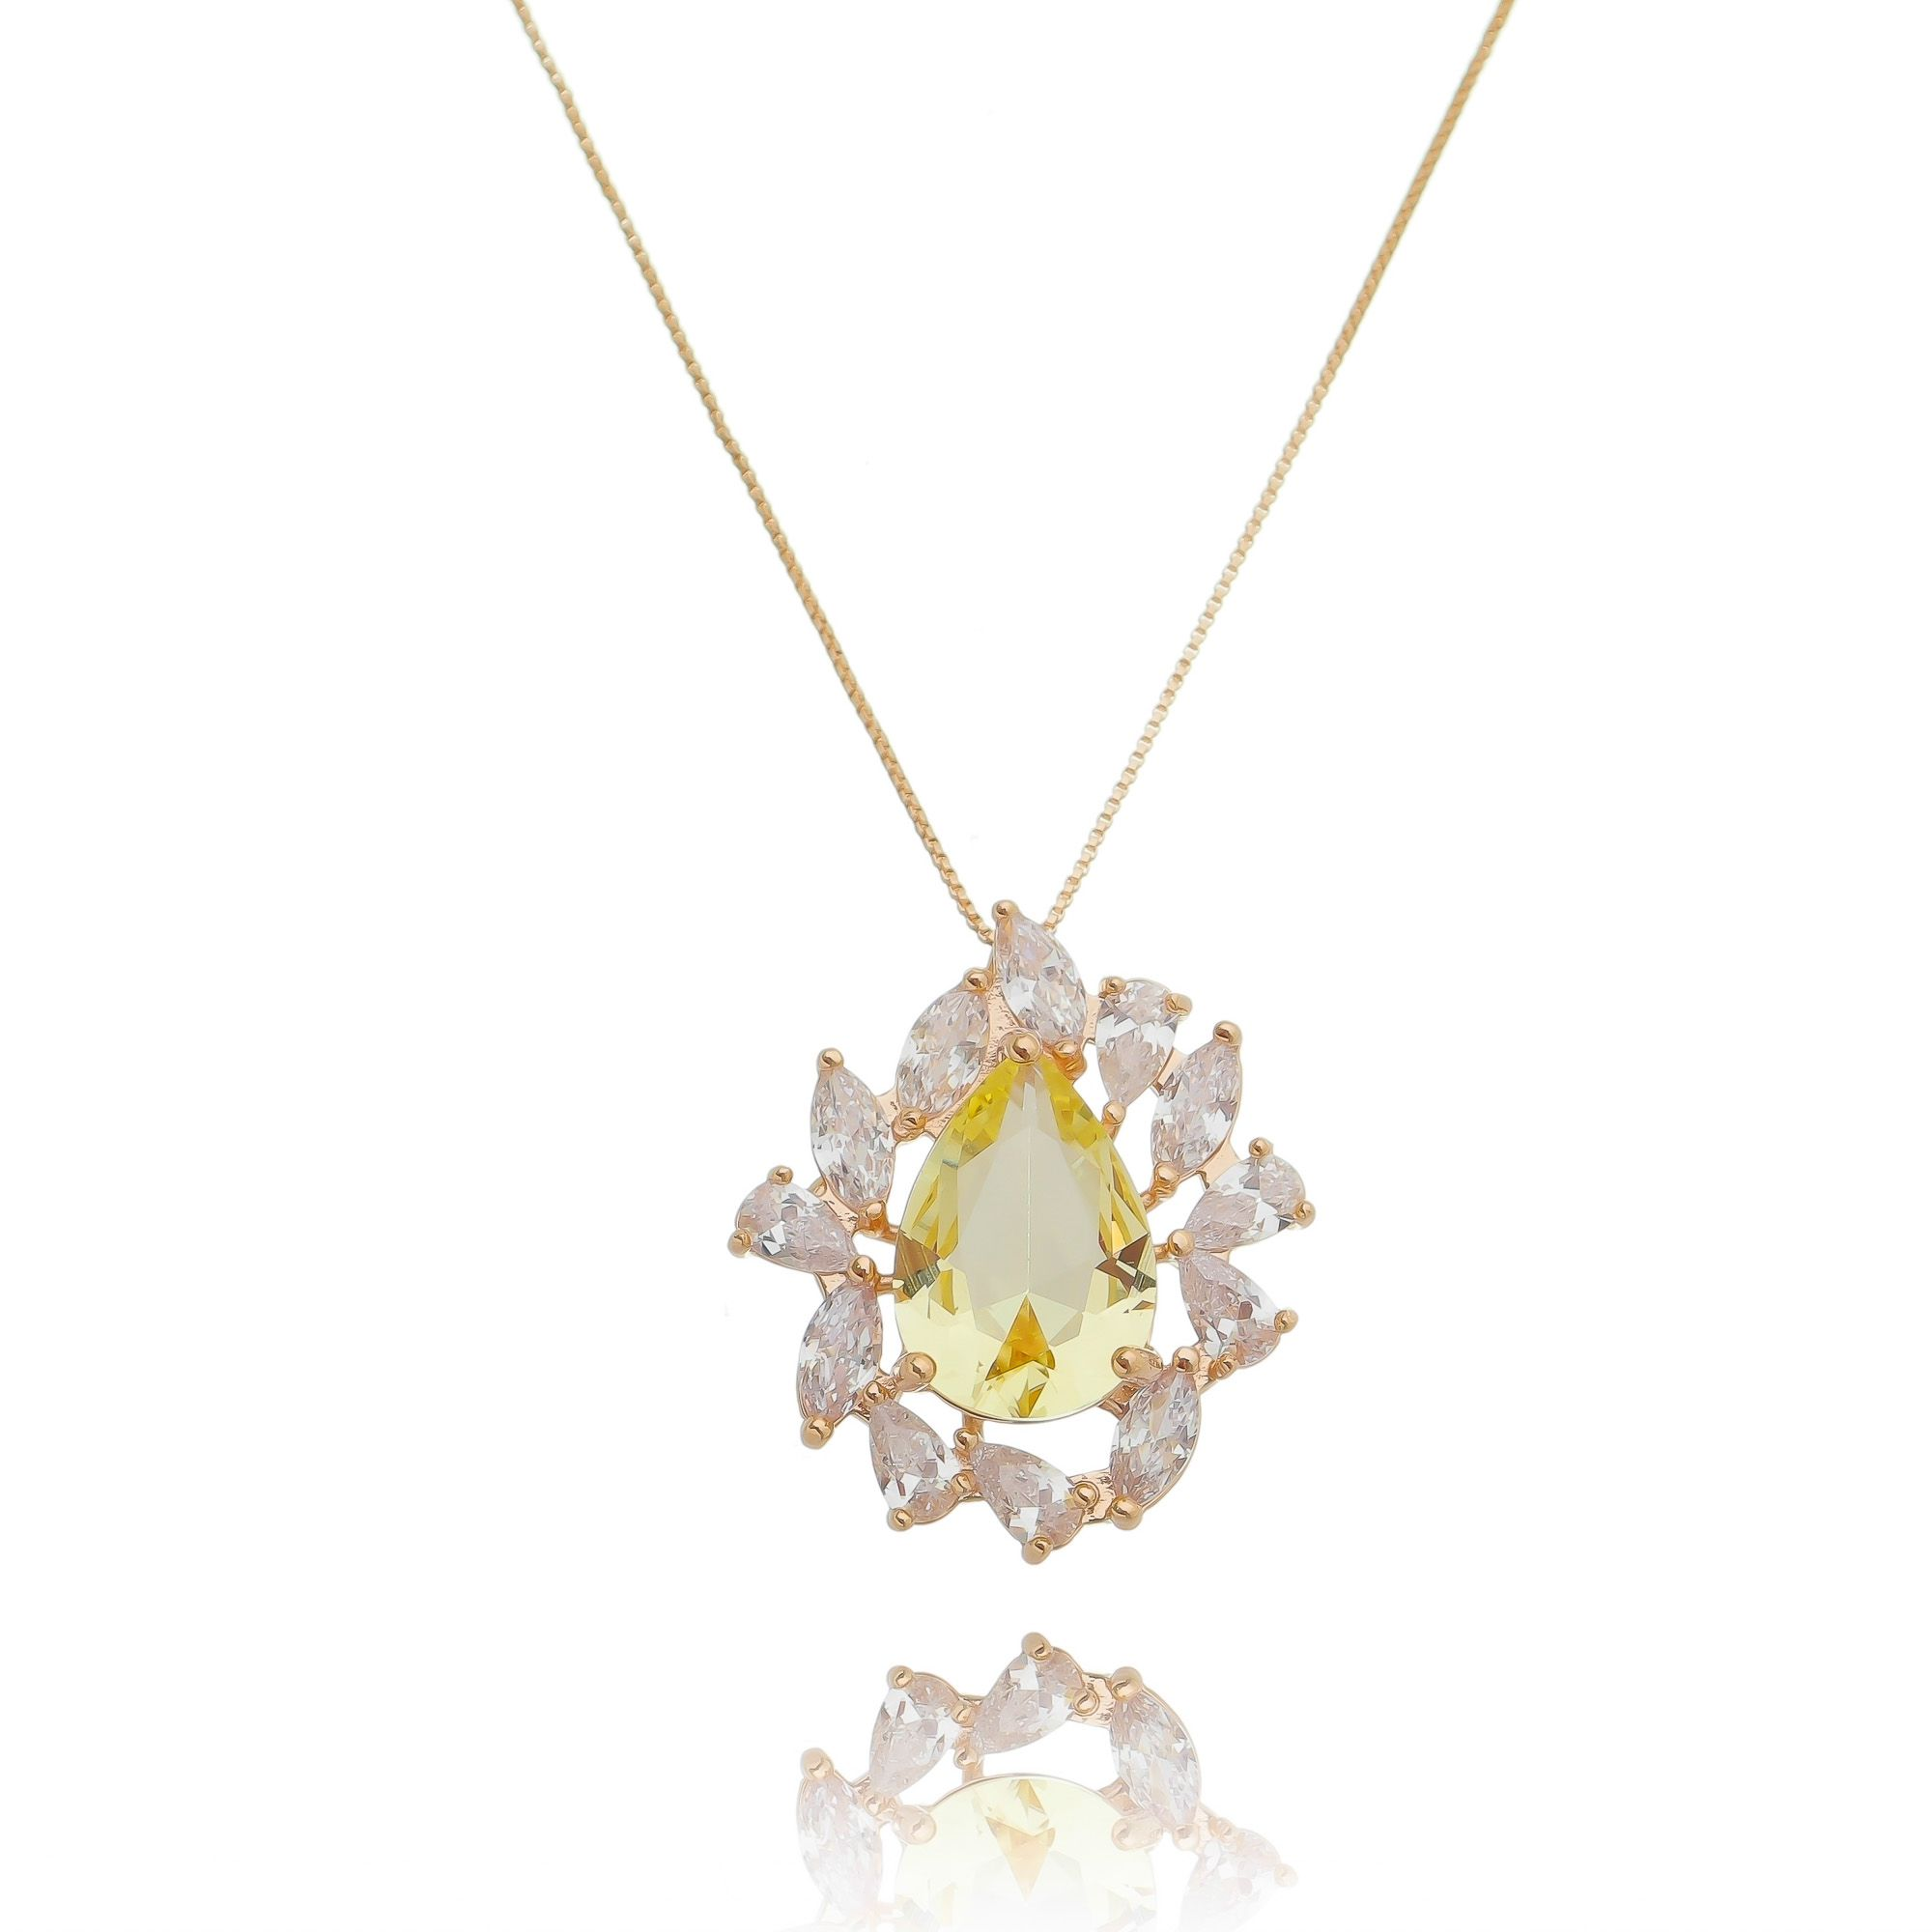 Colar de Festa Gota Amarela e Zircônia Cristal Semijoia Ouro Rosé  - Soloyou